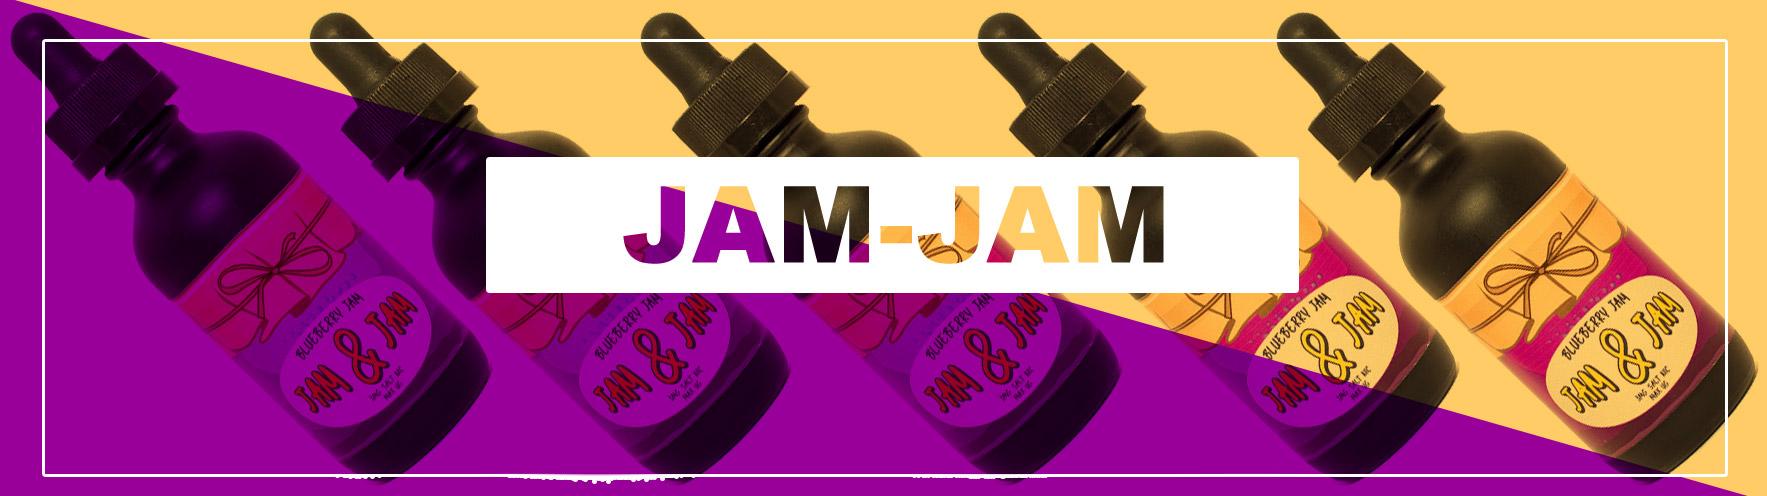 Jam-Jam